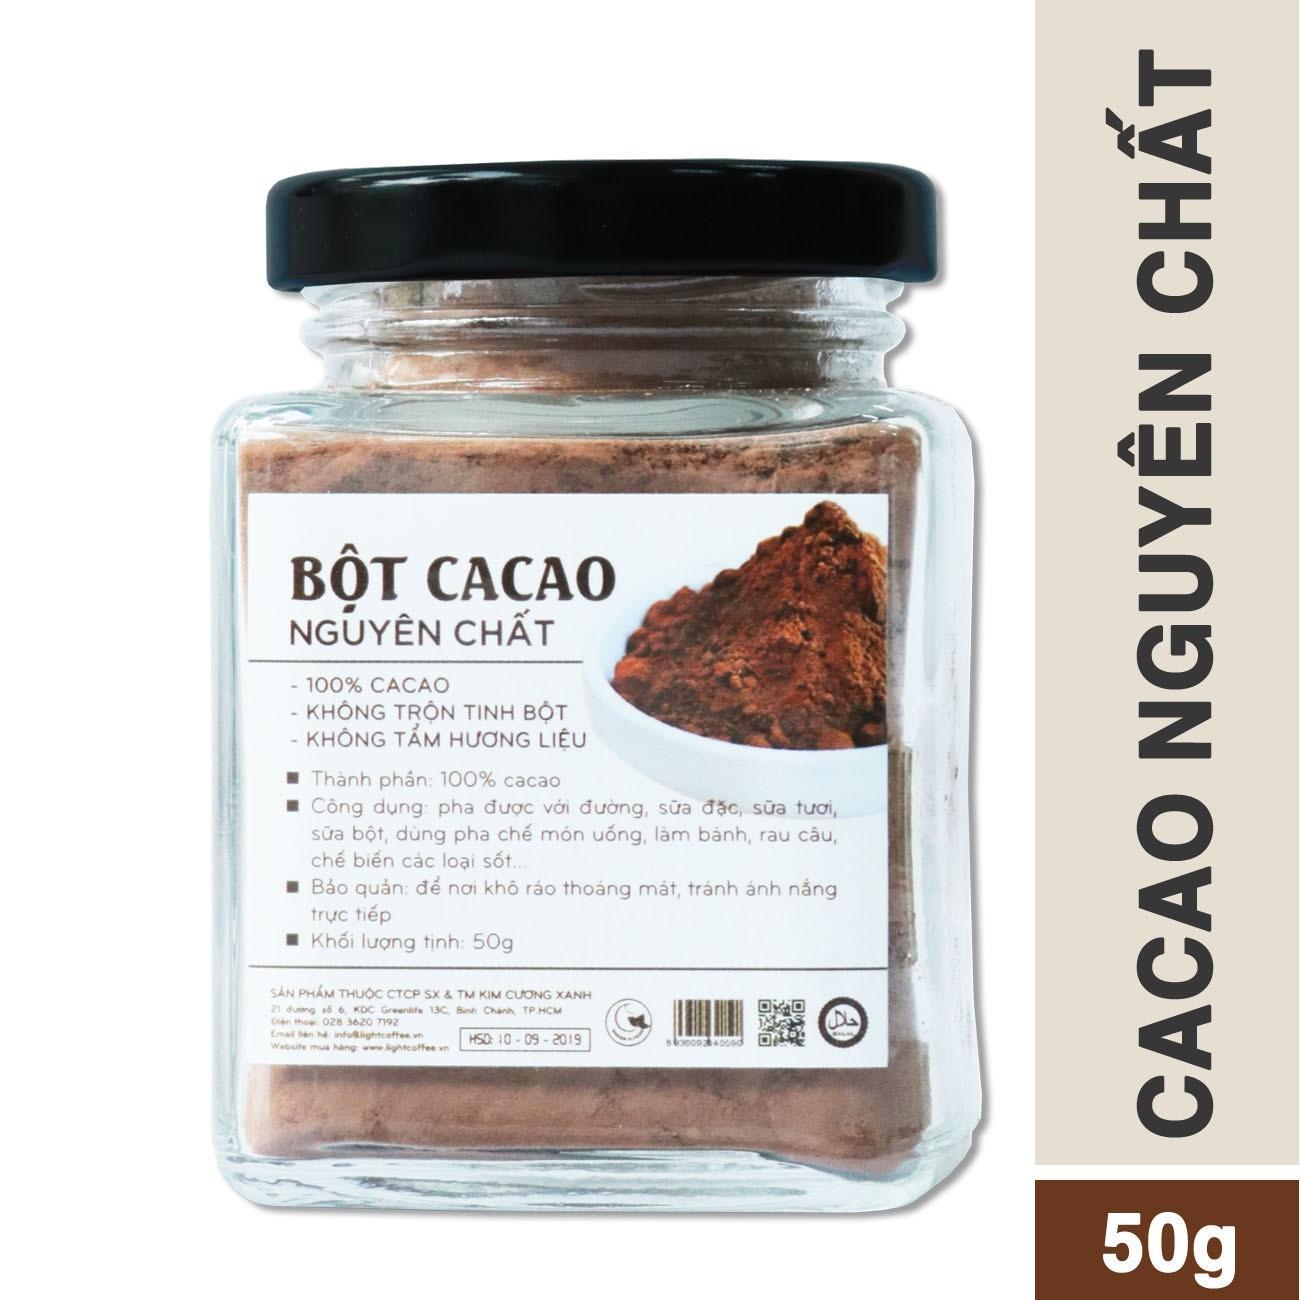 Bột cacao nguyên chất 100% tốt cho sức khỏe trẻ nhỏ - Light Ca cao - hũ 50gr